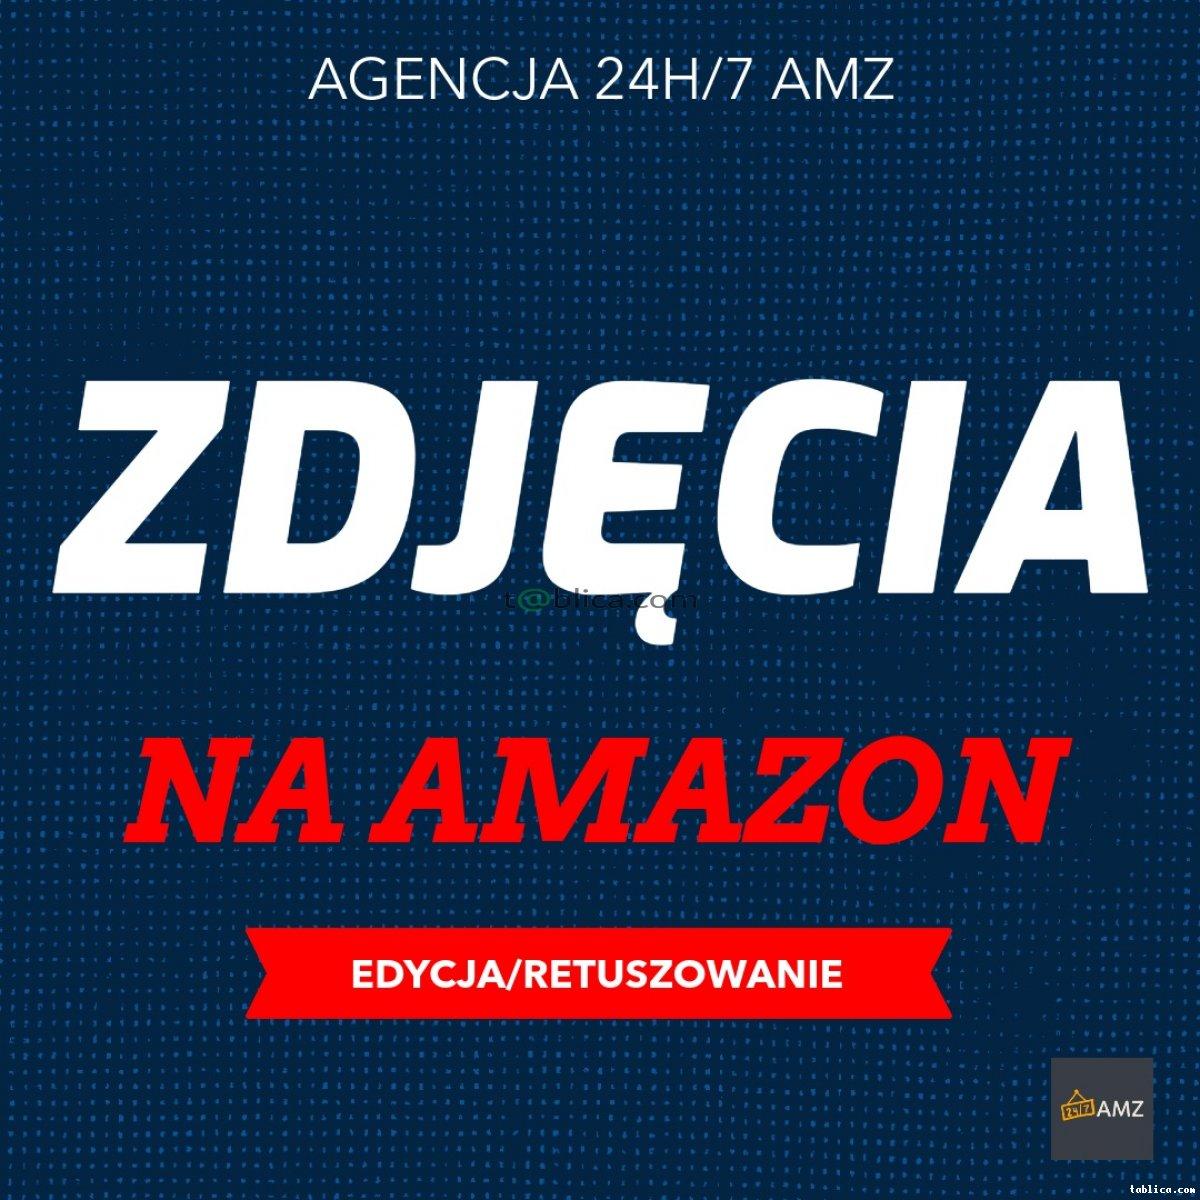 TŁUMACZENIE LISTINGÓW PRODUKTÓW AMAZON